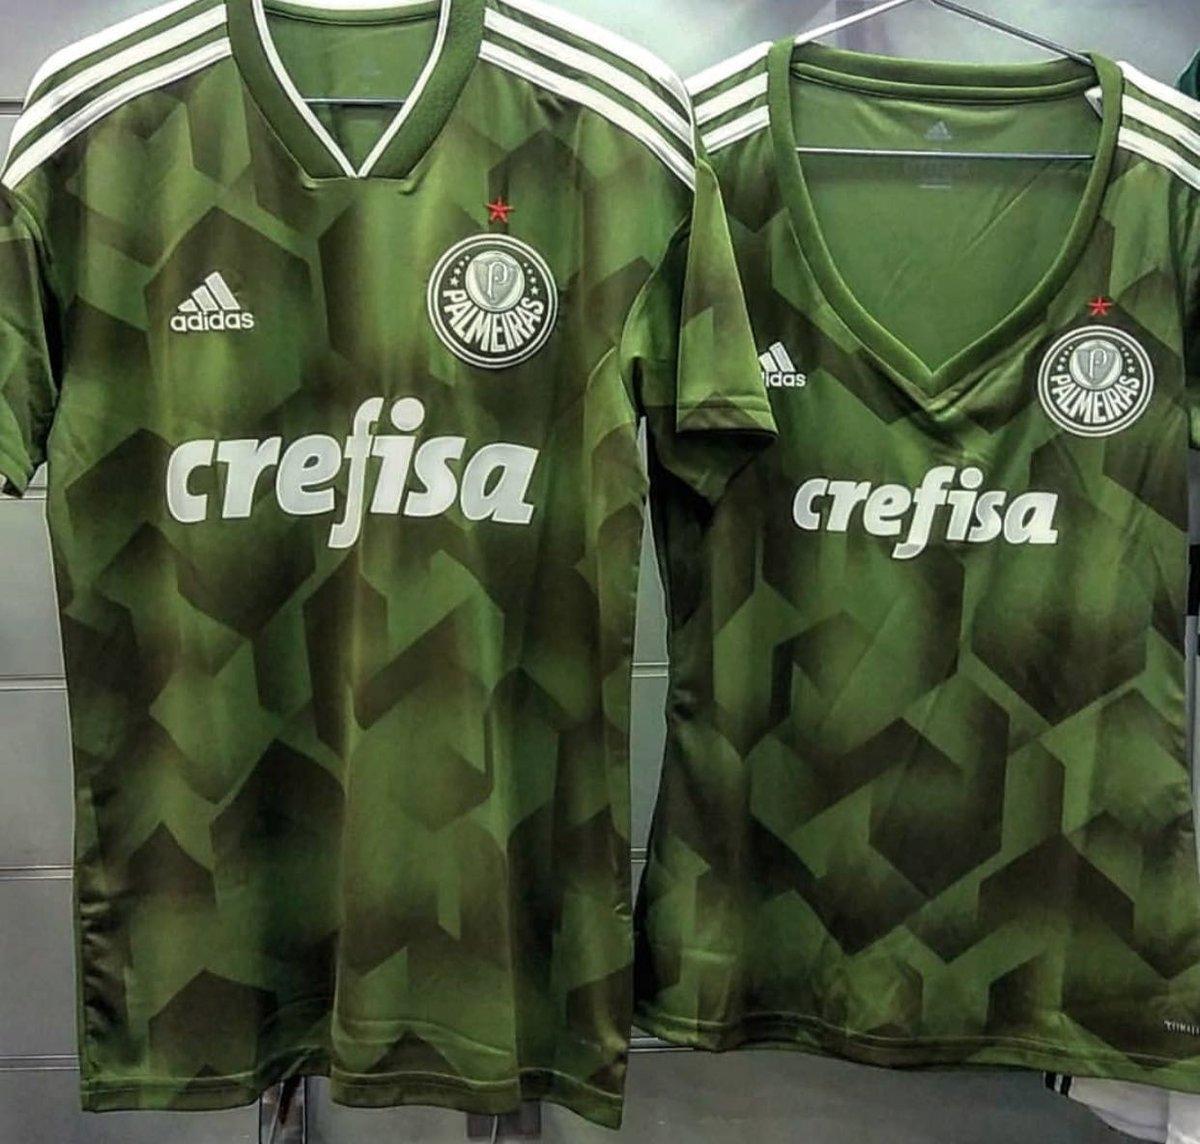 f27deec250 Nova terceira camisa do Palmeiras tem imagem vazada - Show de Camisas